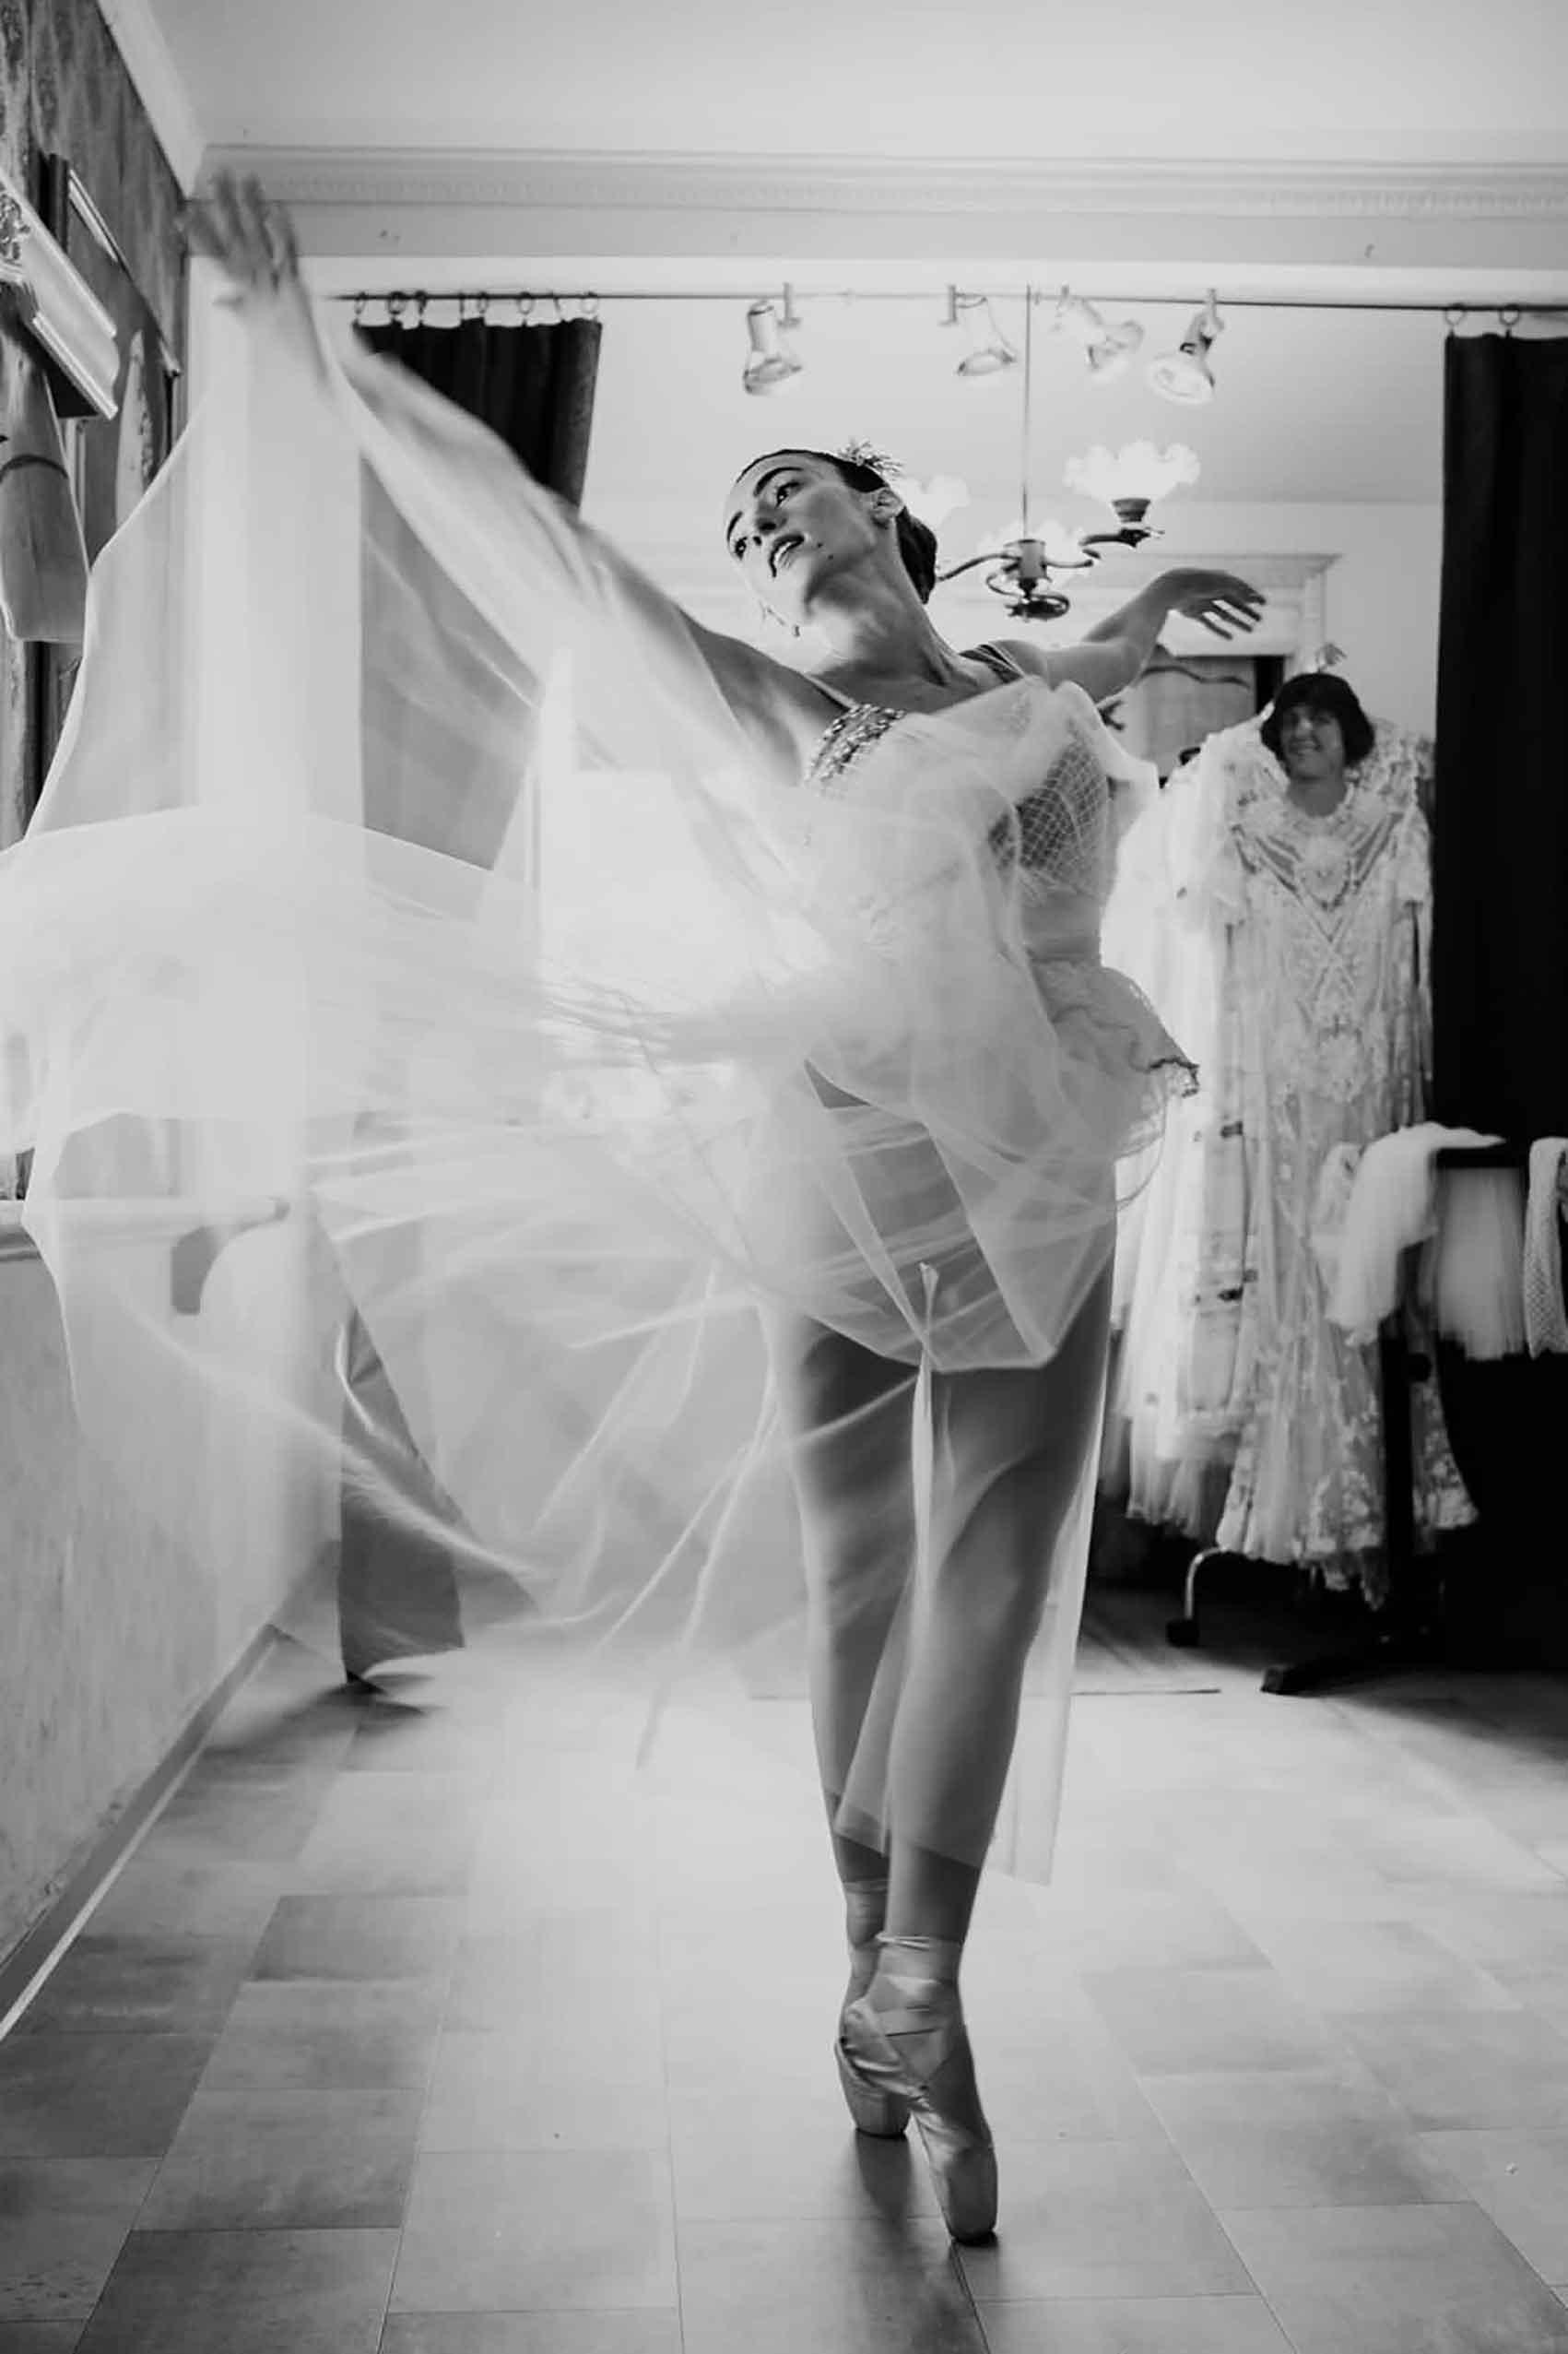 הפקות-אופנה-שמלות-כלה-ראומה-ויואל-מגזין-אופנה